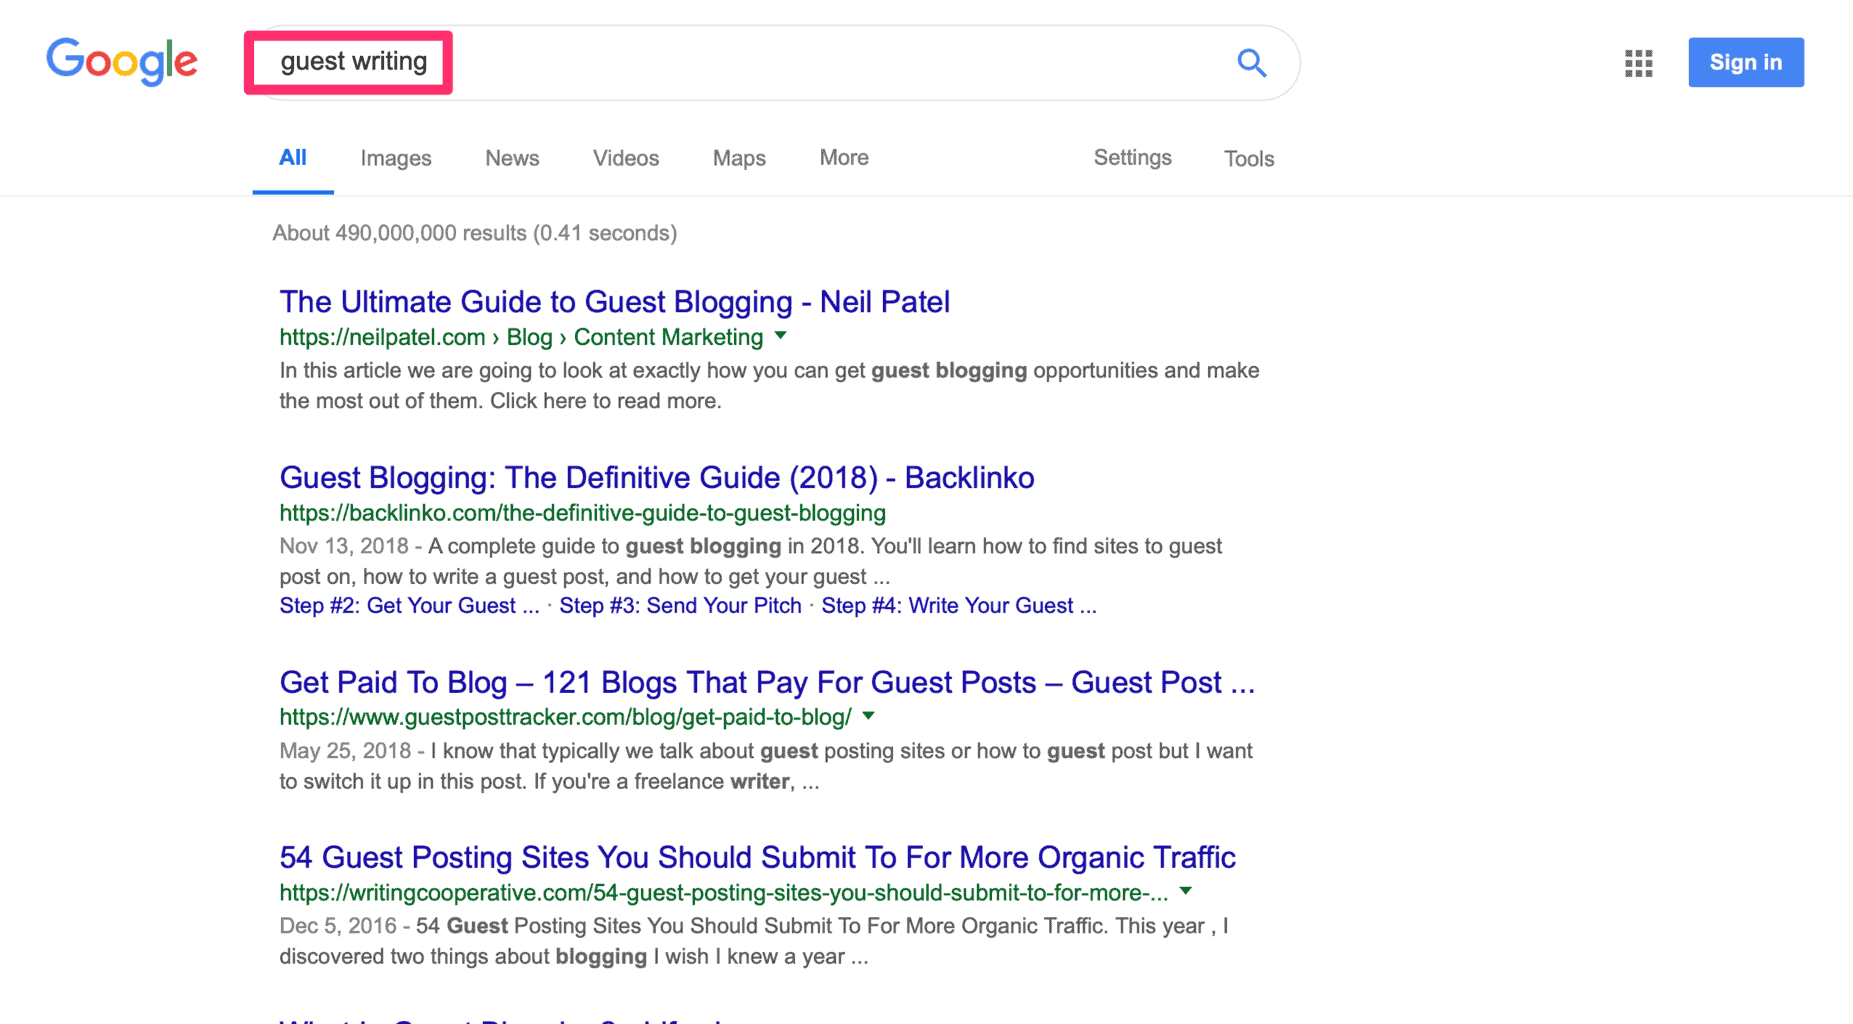 구글의 주제 검색 기능